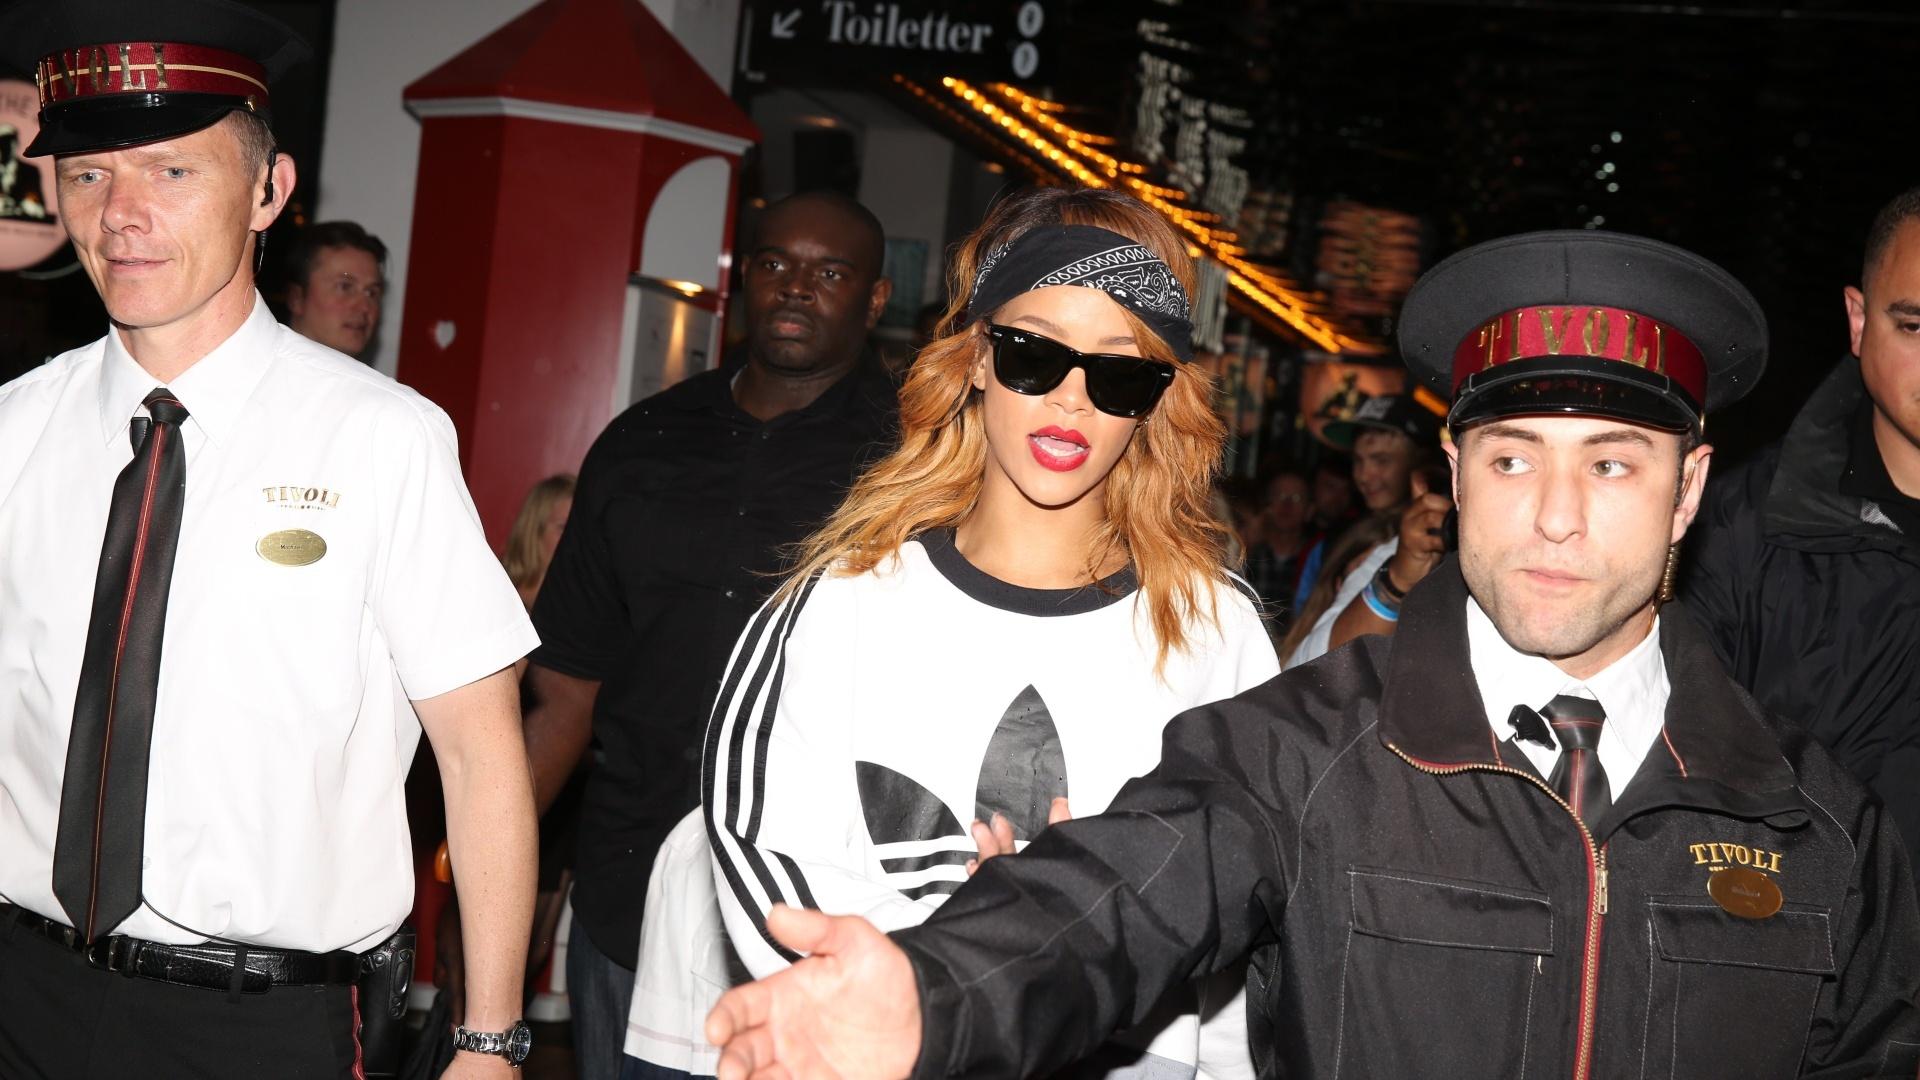 4.jul.2013 - A cantora Rihanna visita o parque de diversões e jardim Tivoli em Copenhagen, na Dinamarca. A intérprete de